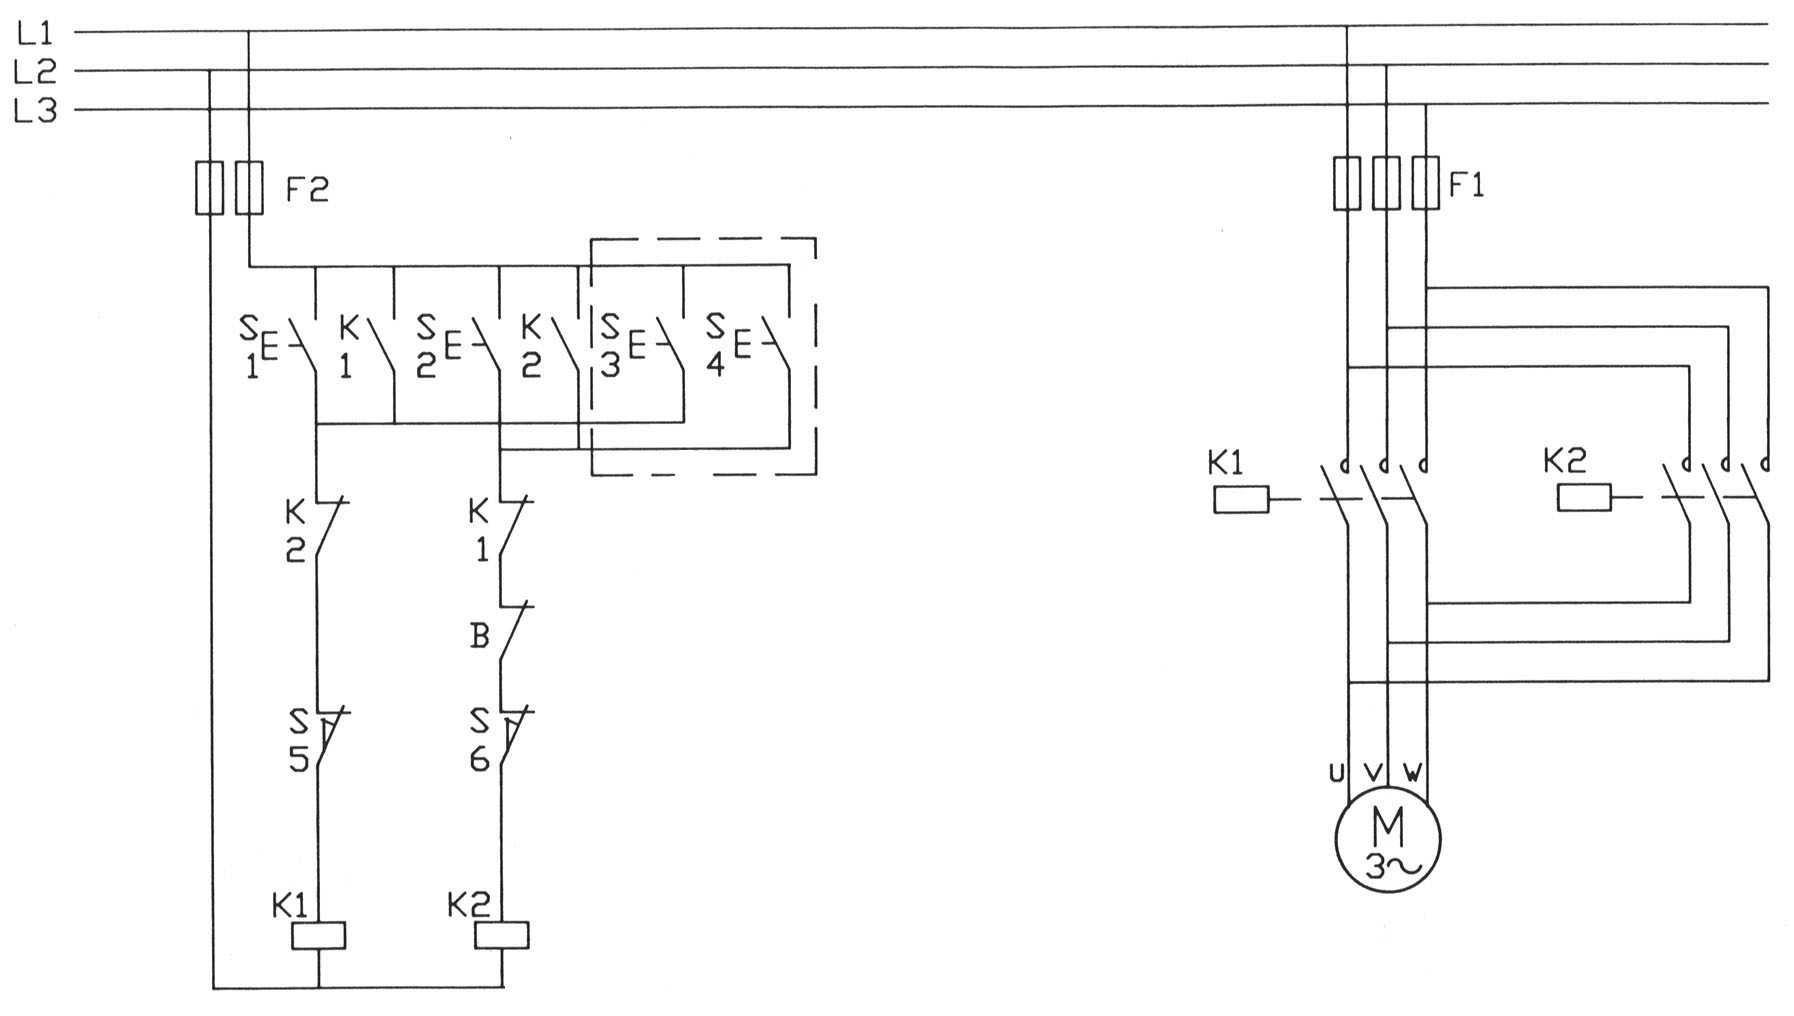 Schema Elettrico Selettore A Chiave : Azionamento serranda v cancelli elettrici plc forum